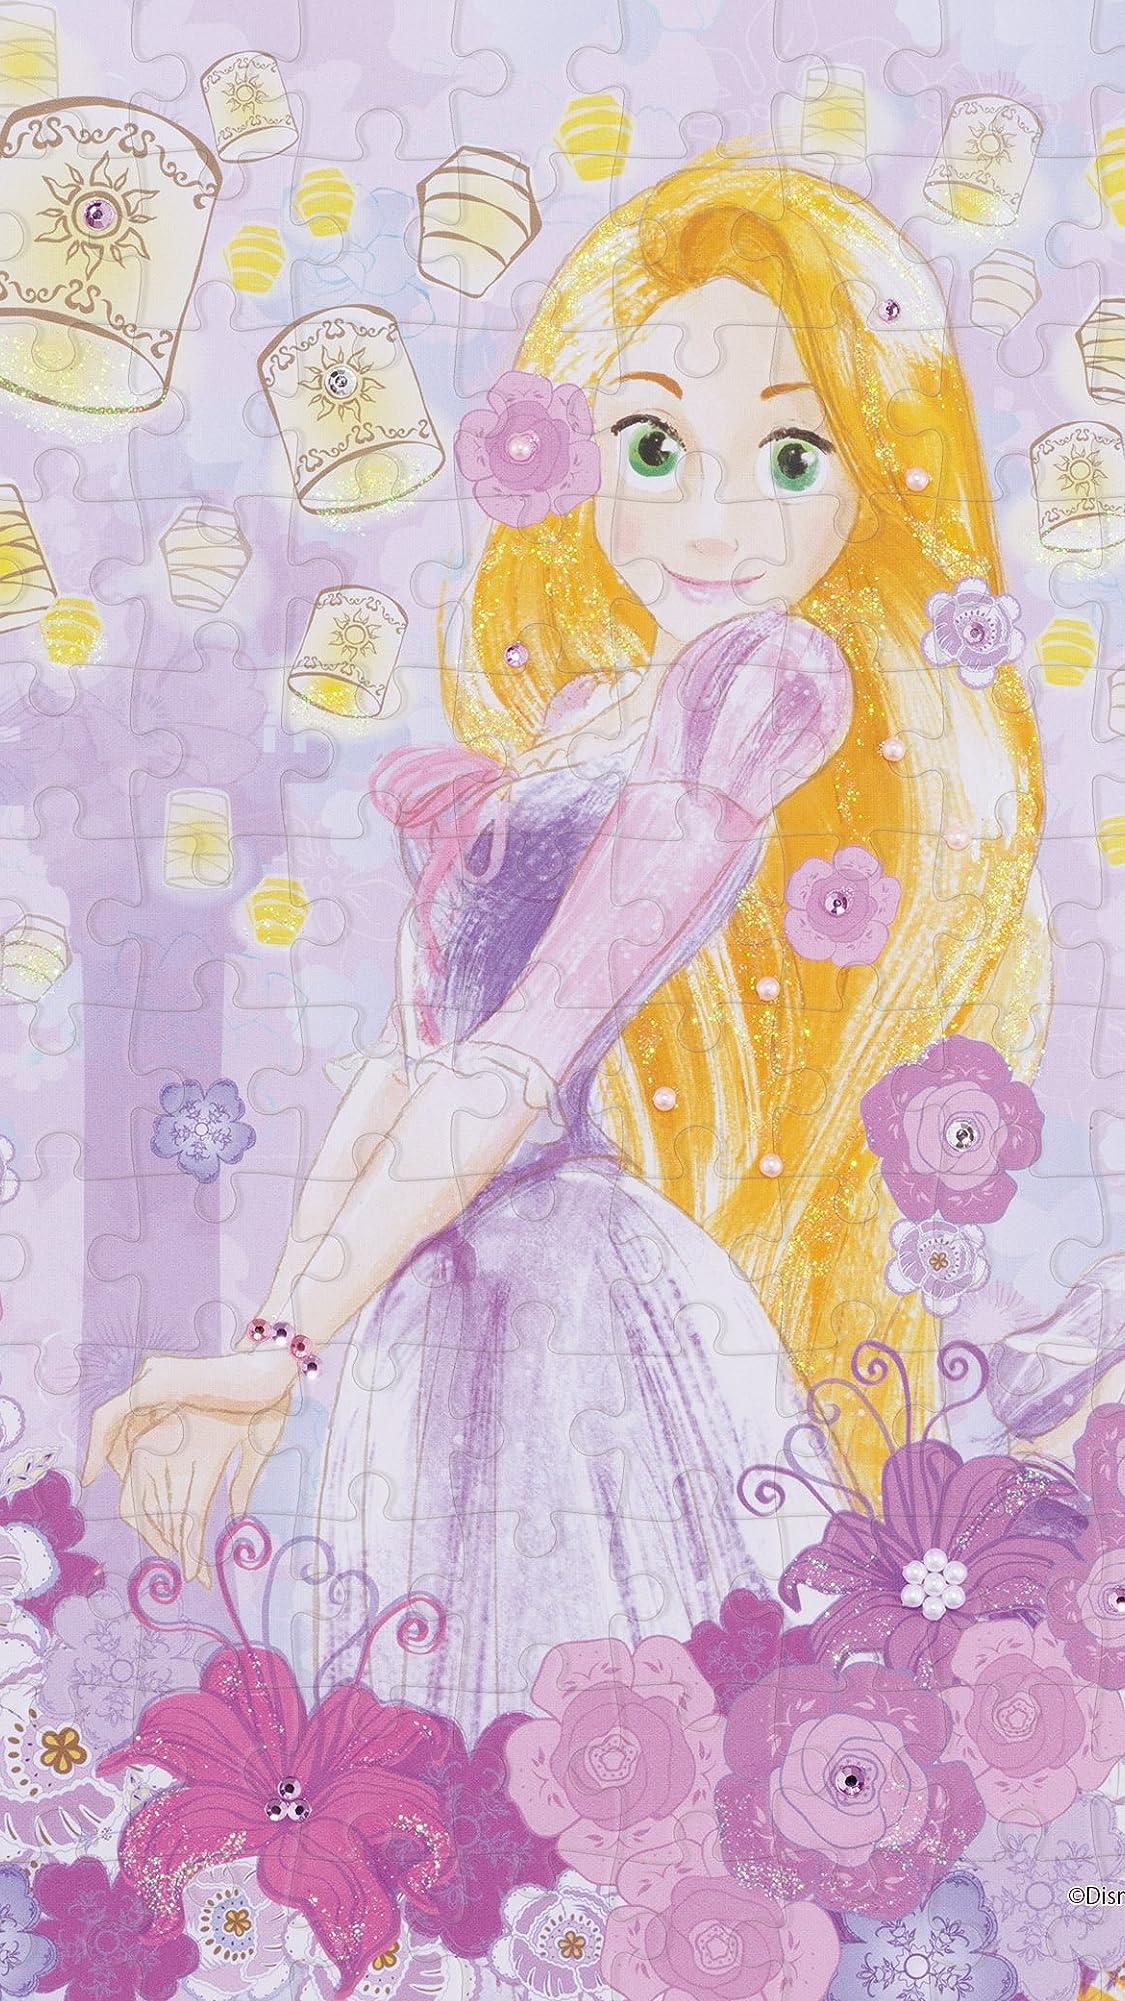 ディズニー 塔の上のラプンツェル Rapunzel (ラプンツェル) iPhone8,7,6 Plus 壁紙 拡大(1125×2001) 画像70742 スマポ